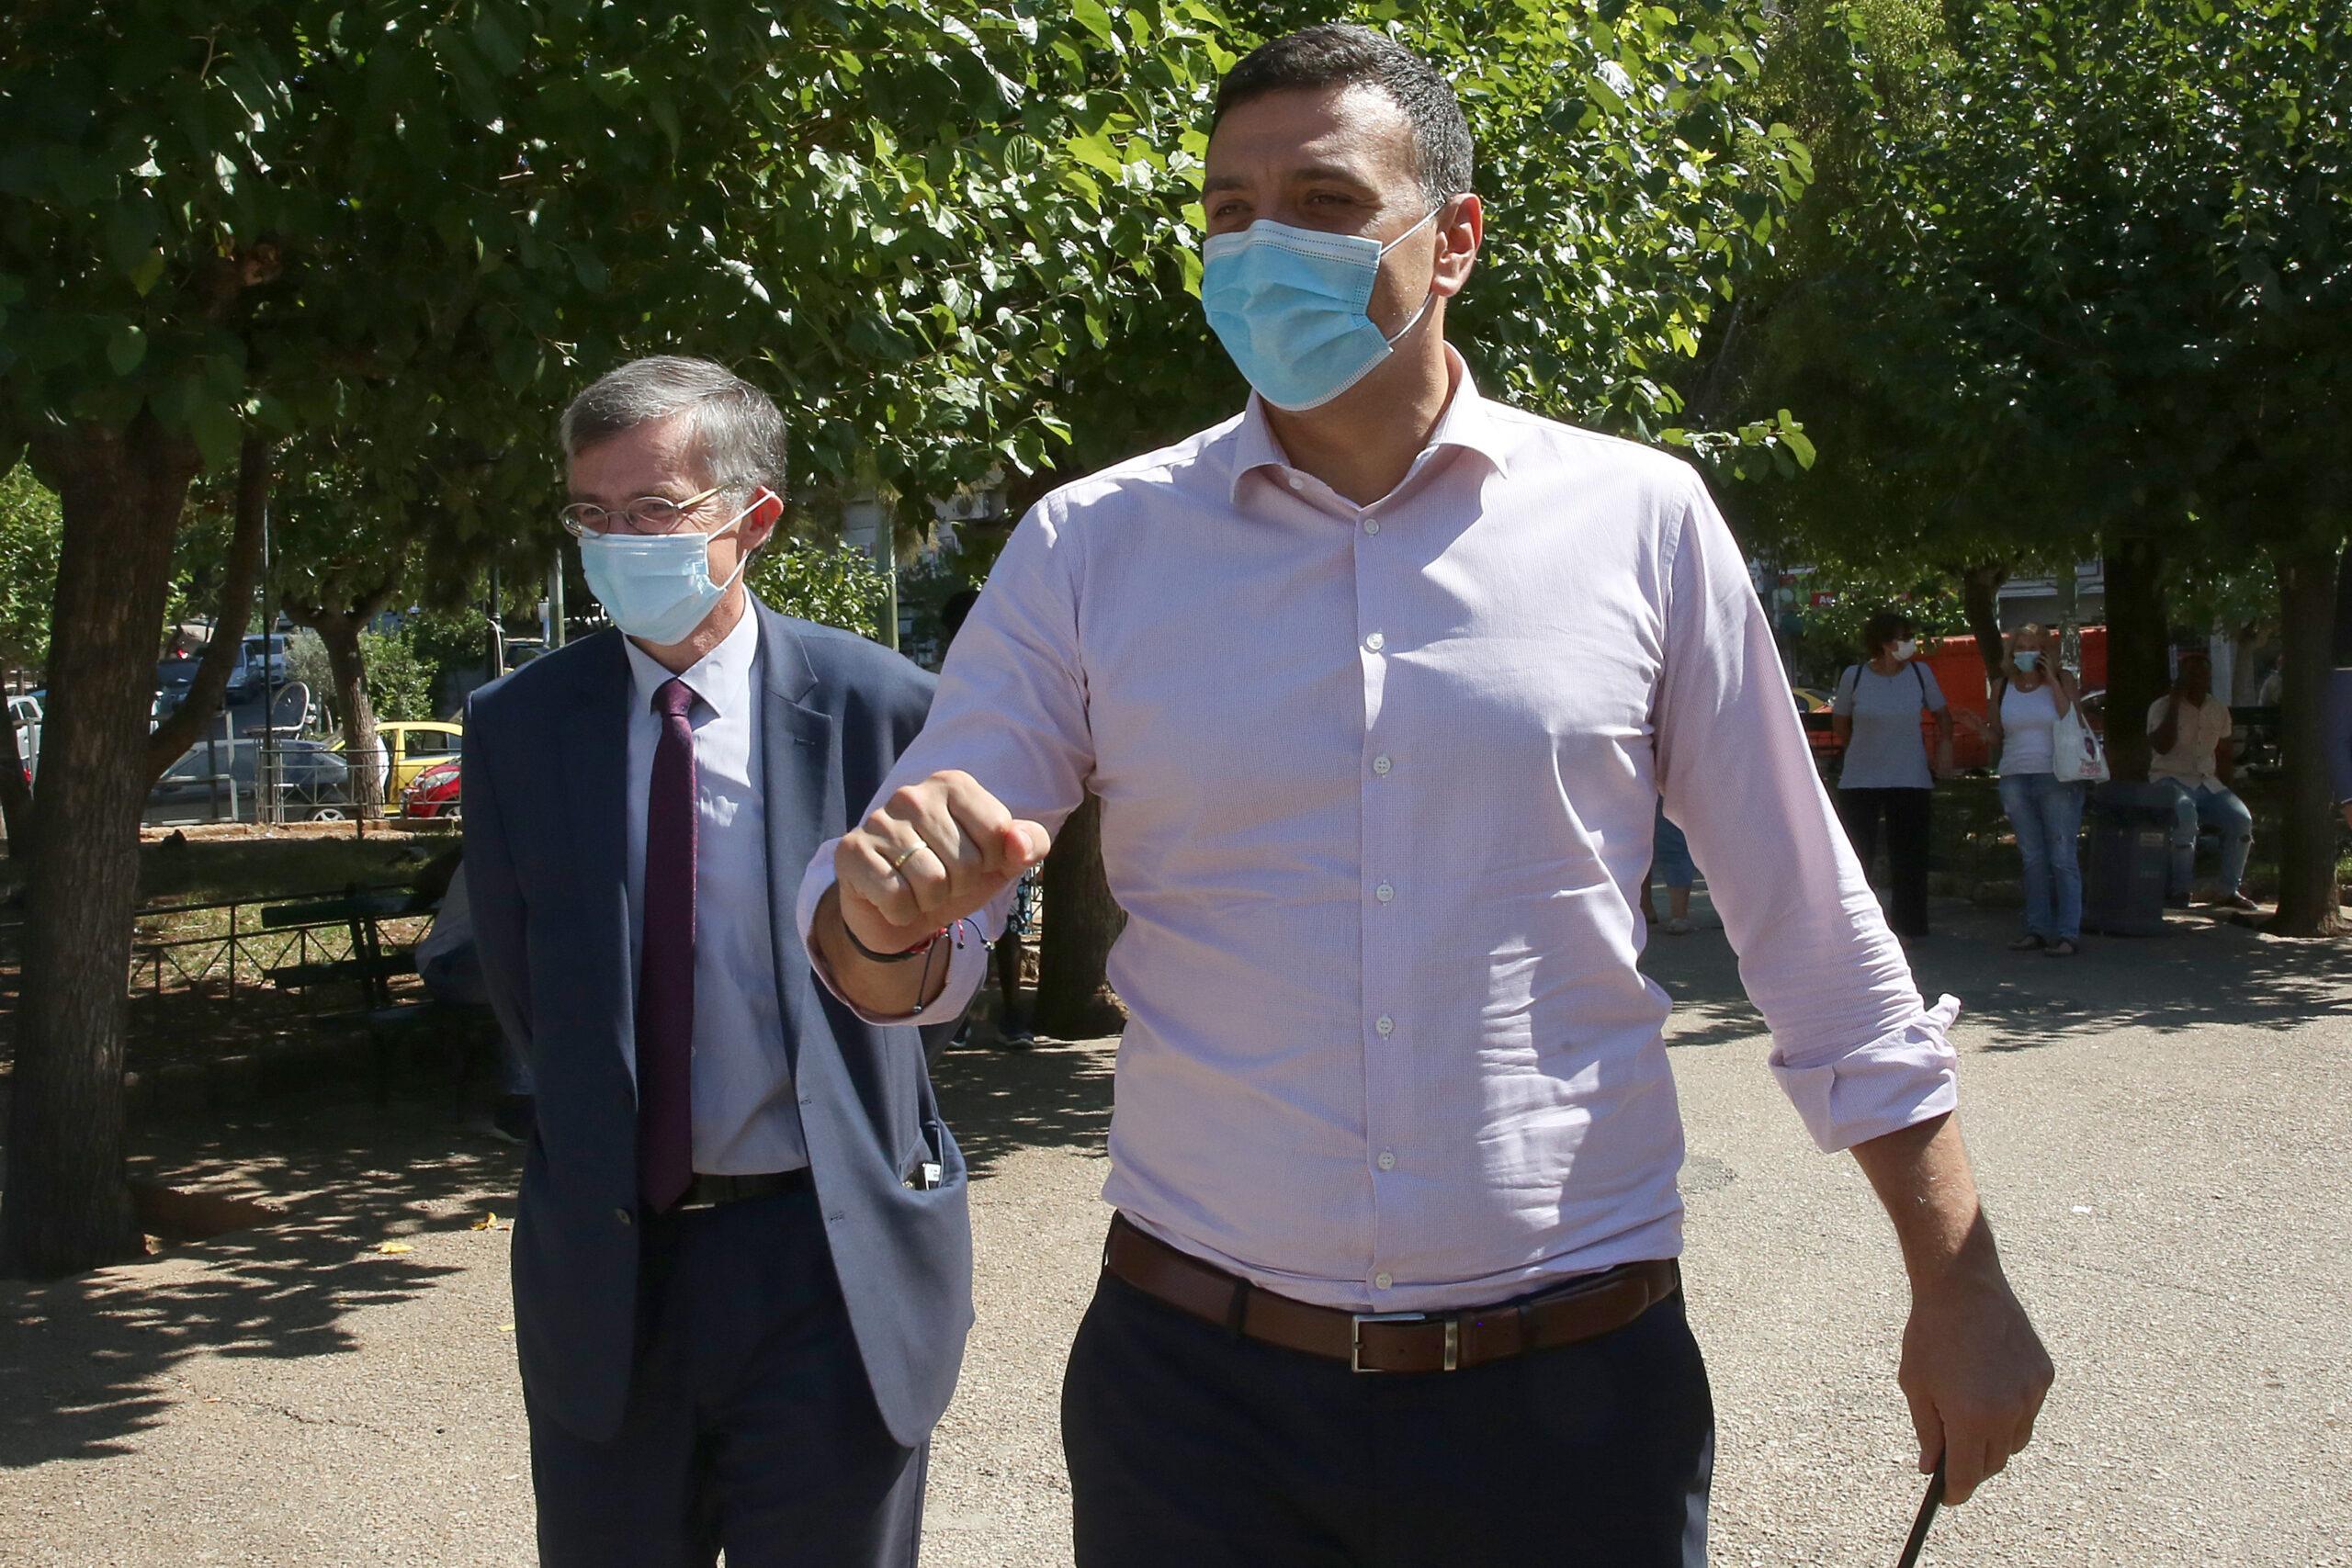 """Kορονοϊός: Στο """"κόκκινο"""" οι γειτονιές της Αθήνας – Τεστ στην πλατεία Κυψέλης παρουσία Κικίλια και Τσιόδρα – Τι δήλωσε ο καθηγητής"""